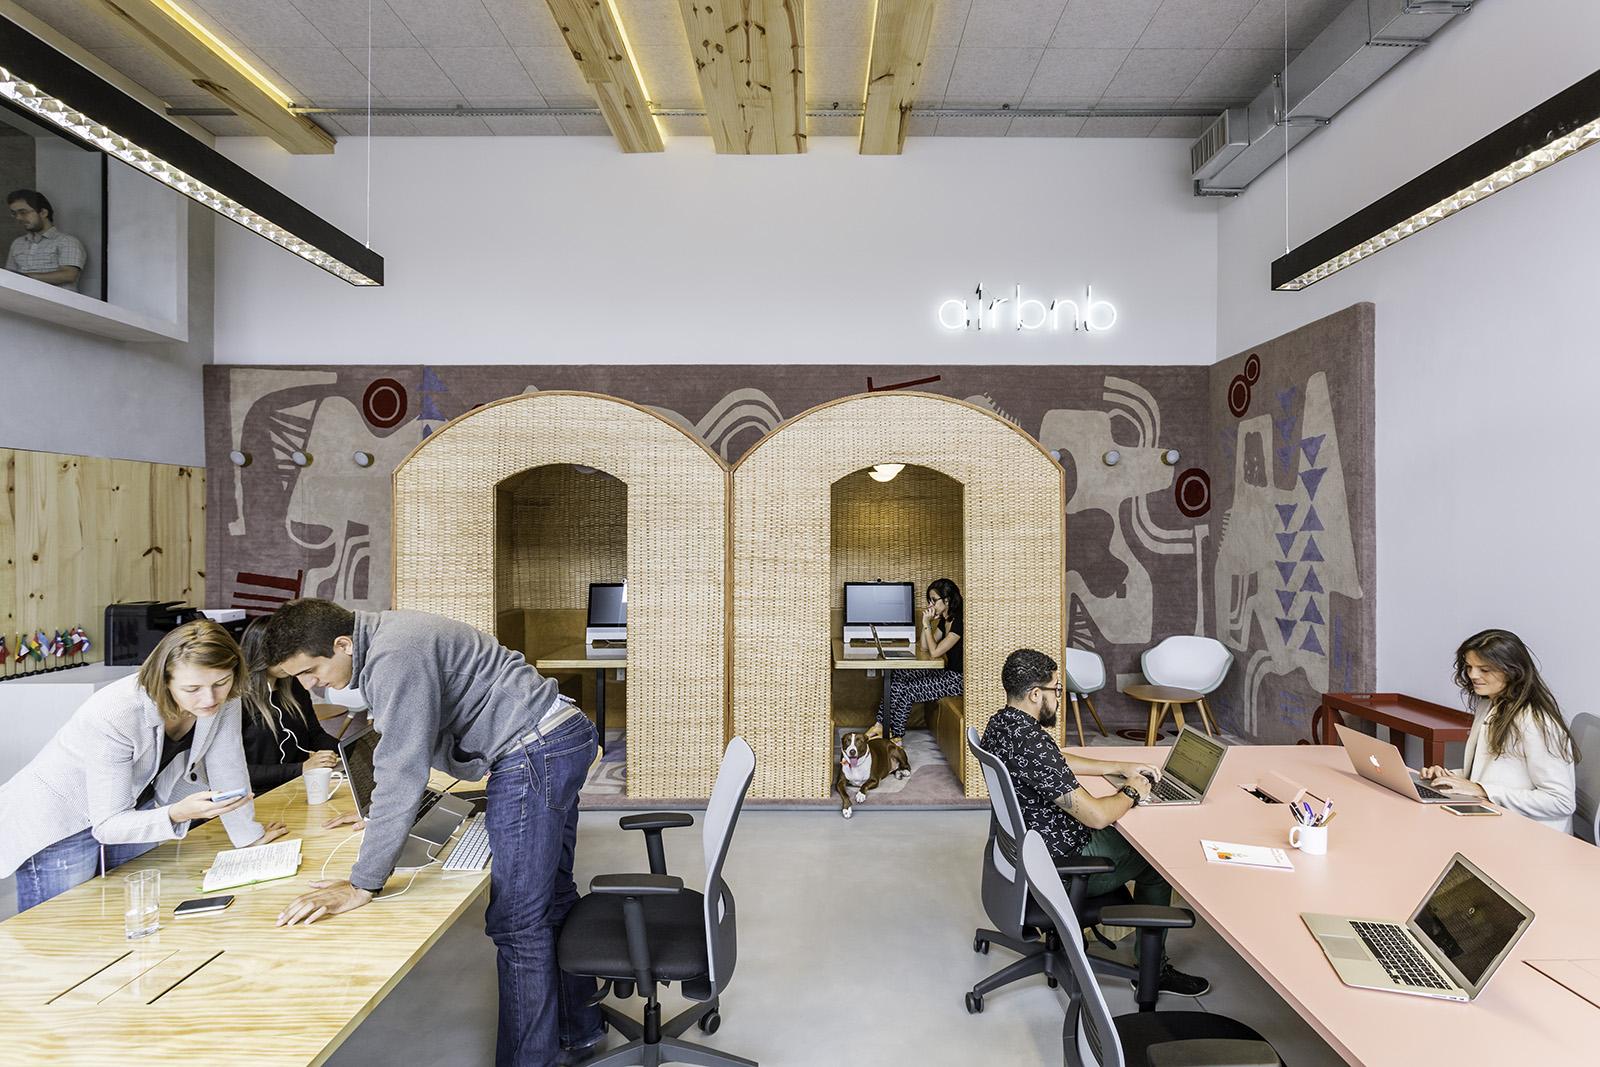 airbnb-sao-paulo-office-1